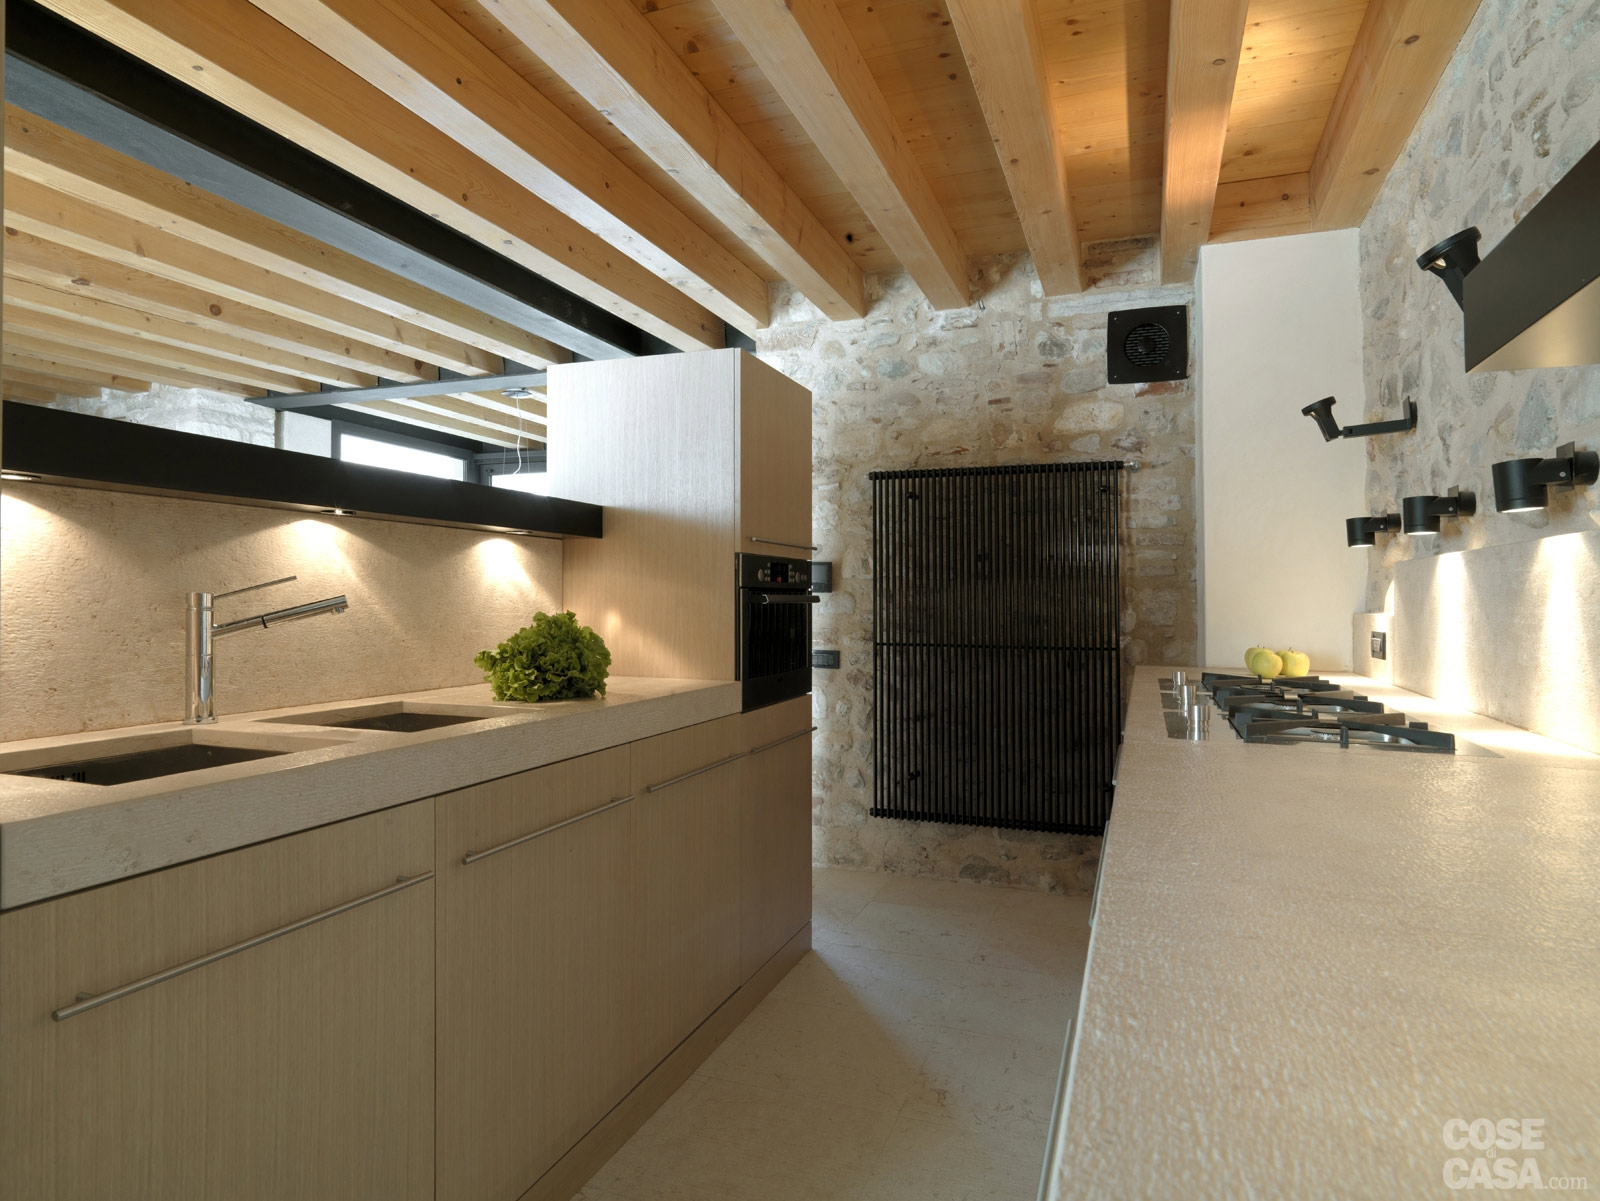 Arredare la mansarda con materiali naturali idee di for La pietra tradizionale casa santorini